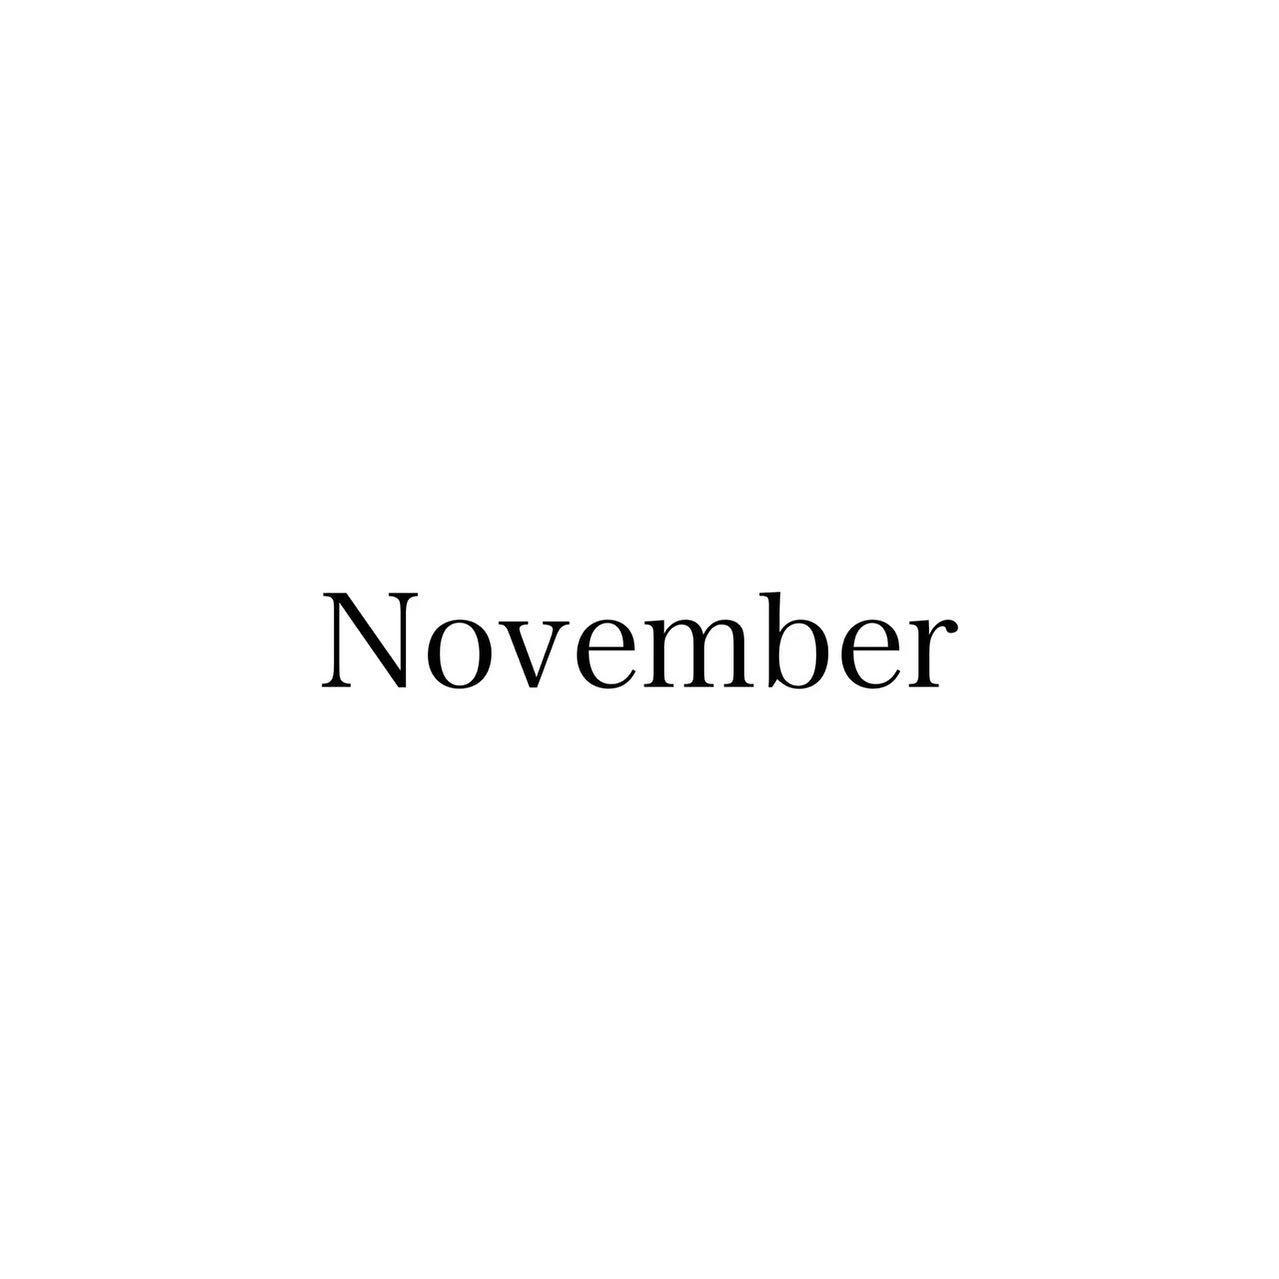 .2020年も残すところあと2ヶ月となりましたね。11月はお得なキャンペーンのお知らせなどもしていきますので、お楽しみに︎!.11月のスタッフのお休みをお知らせします!.福田・毎週月曜日、17(火)18(水)大久保・毎週金曜日、10(火)16(月)24(火)小田・毎週日曜日、7(土)9(月)23(月)曽田・毎週水曜日、5(木)12(木)19(木)20(金)26(木)城・毎週火曜日、4(水)11(水)25(水)